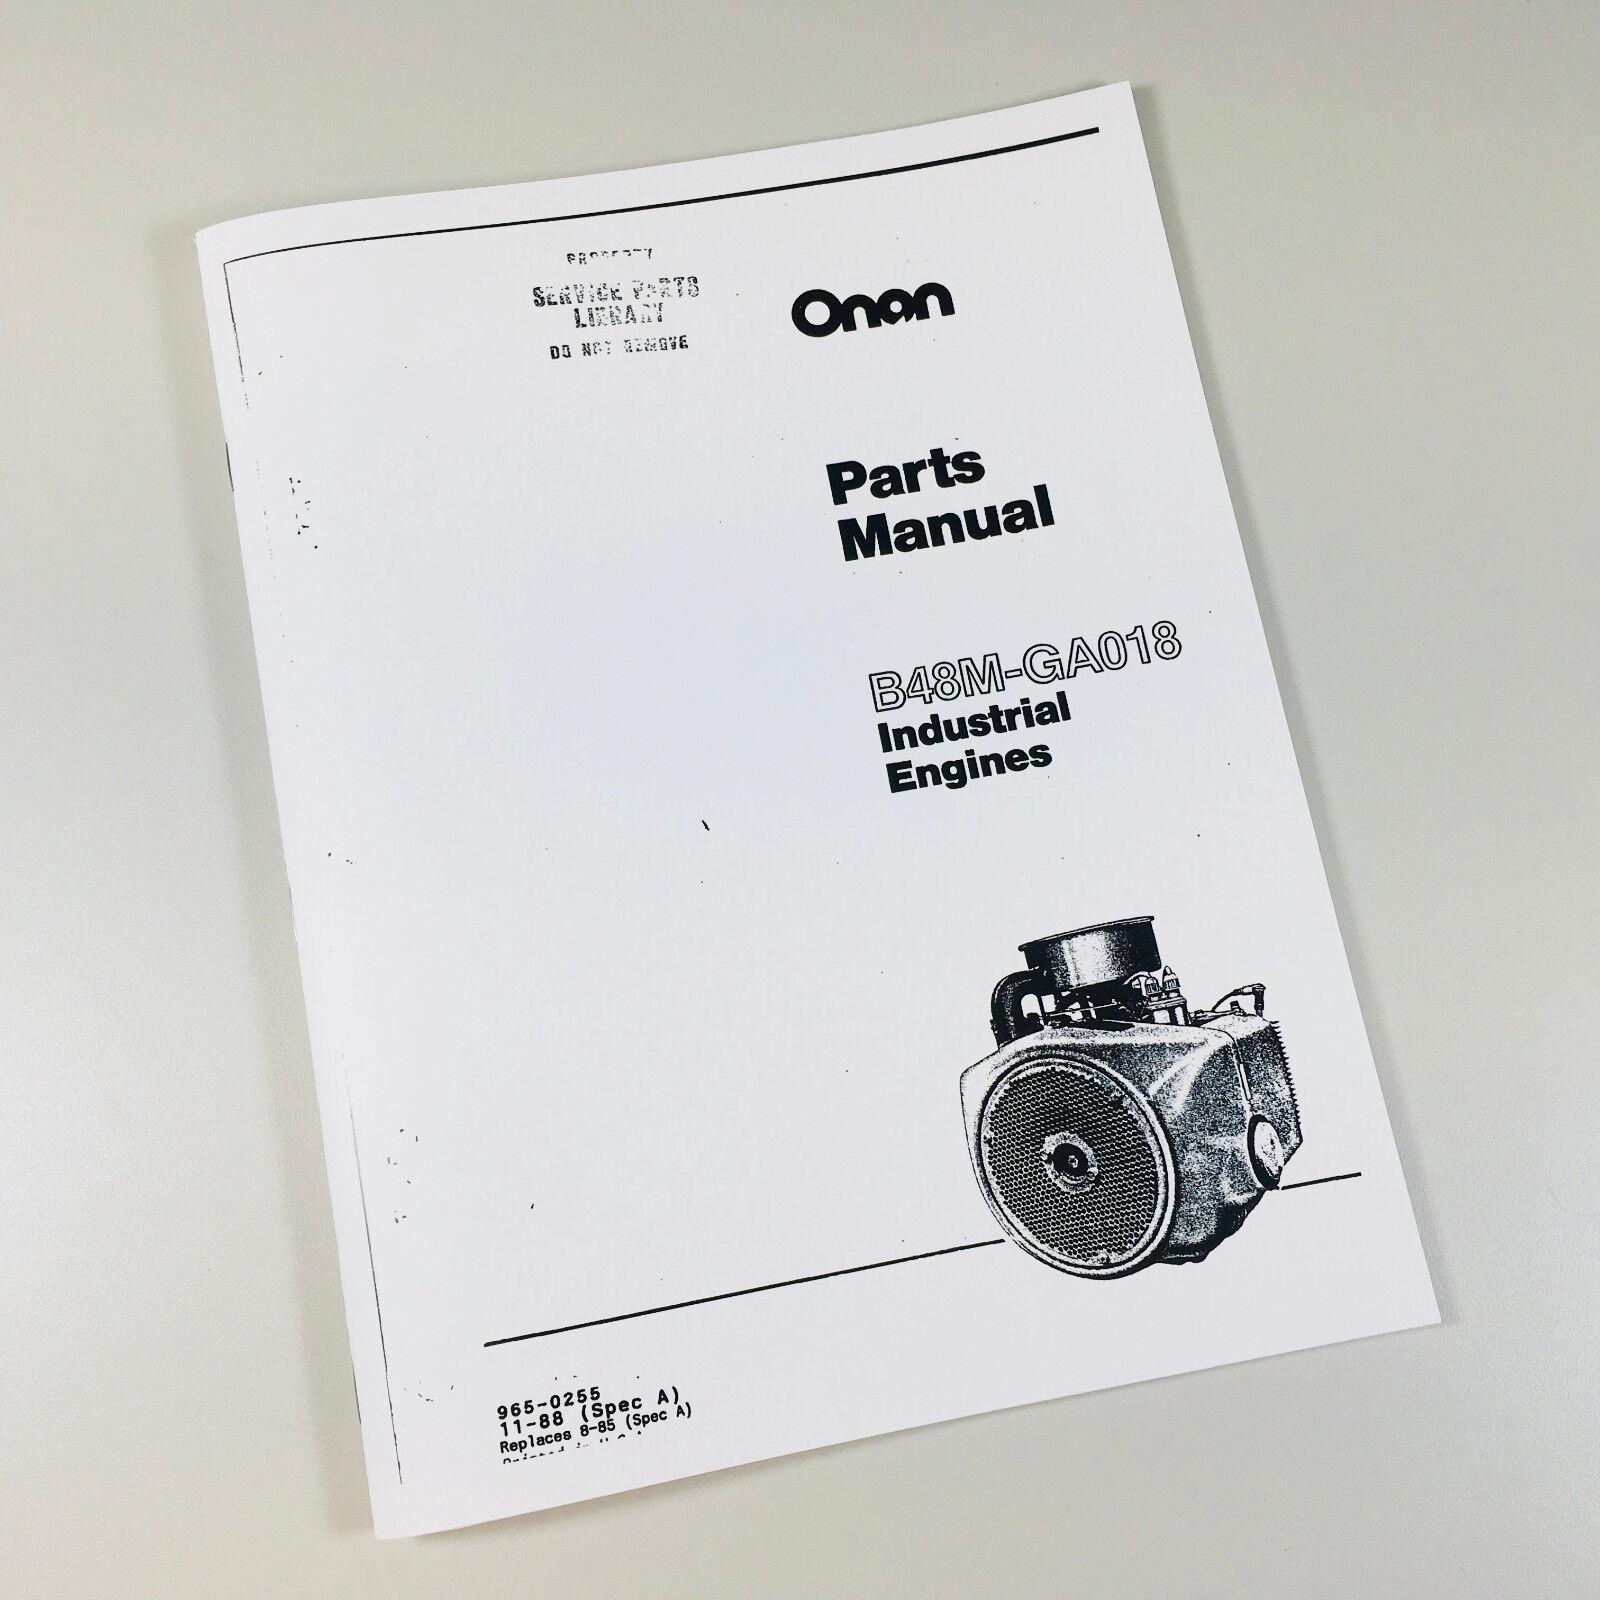 onan b48m ga018 industrial engines parts manual maintenance catalog spec a  | ebay  ebay